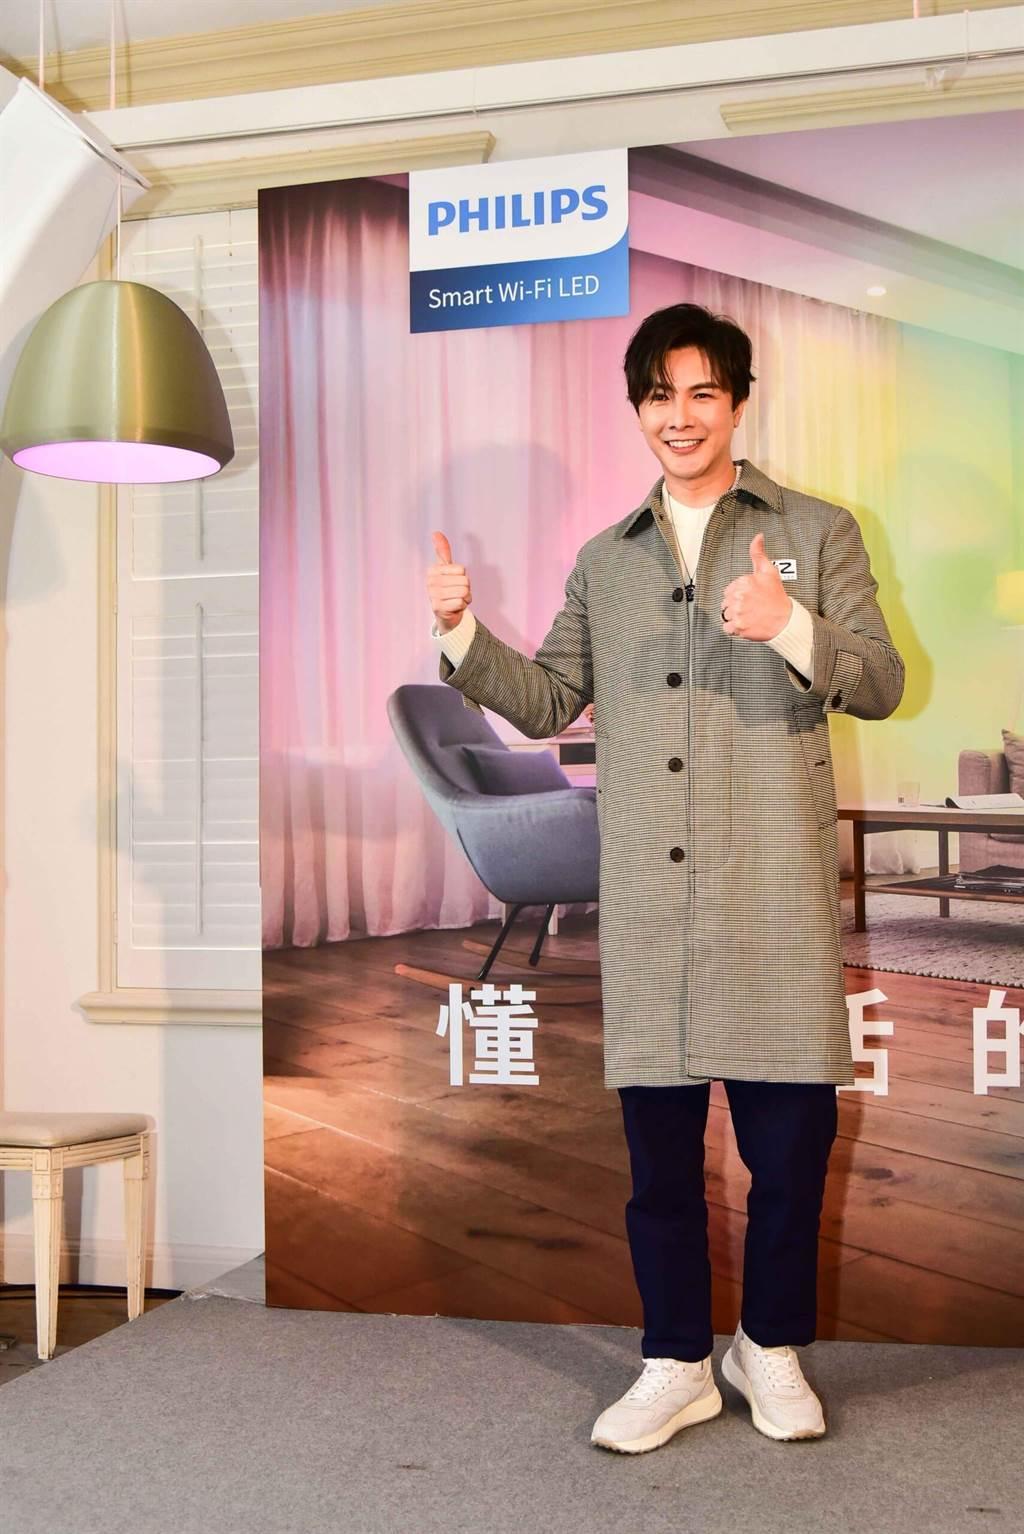 謝佳見去年取得台灣永久居留證,有意在台置產。(Philips提供)